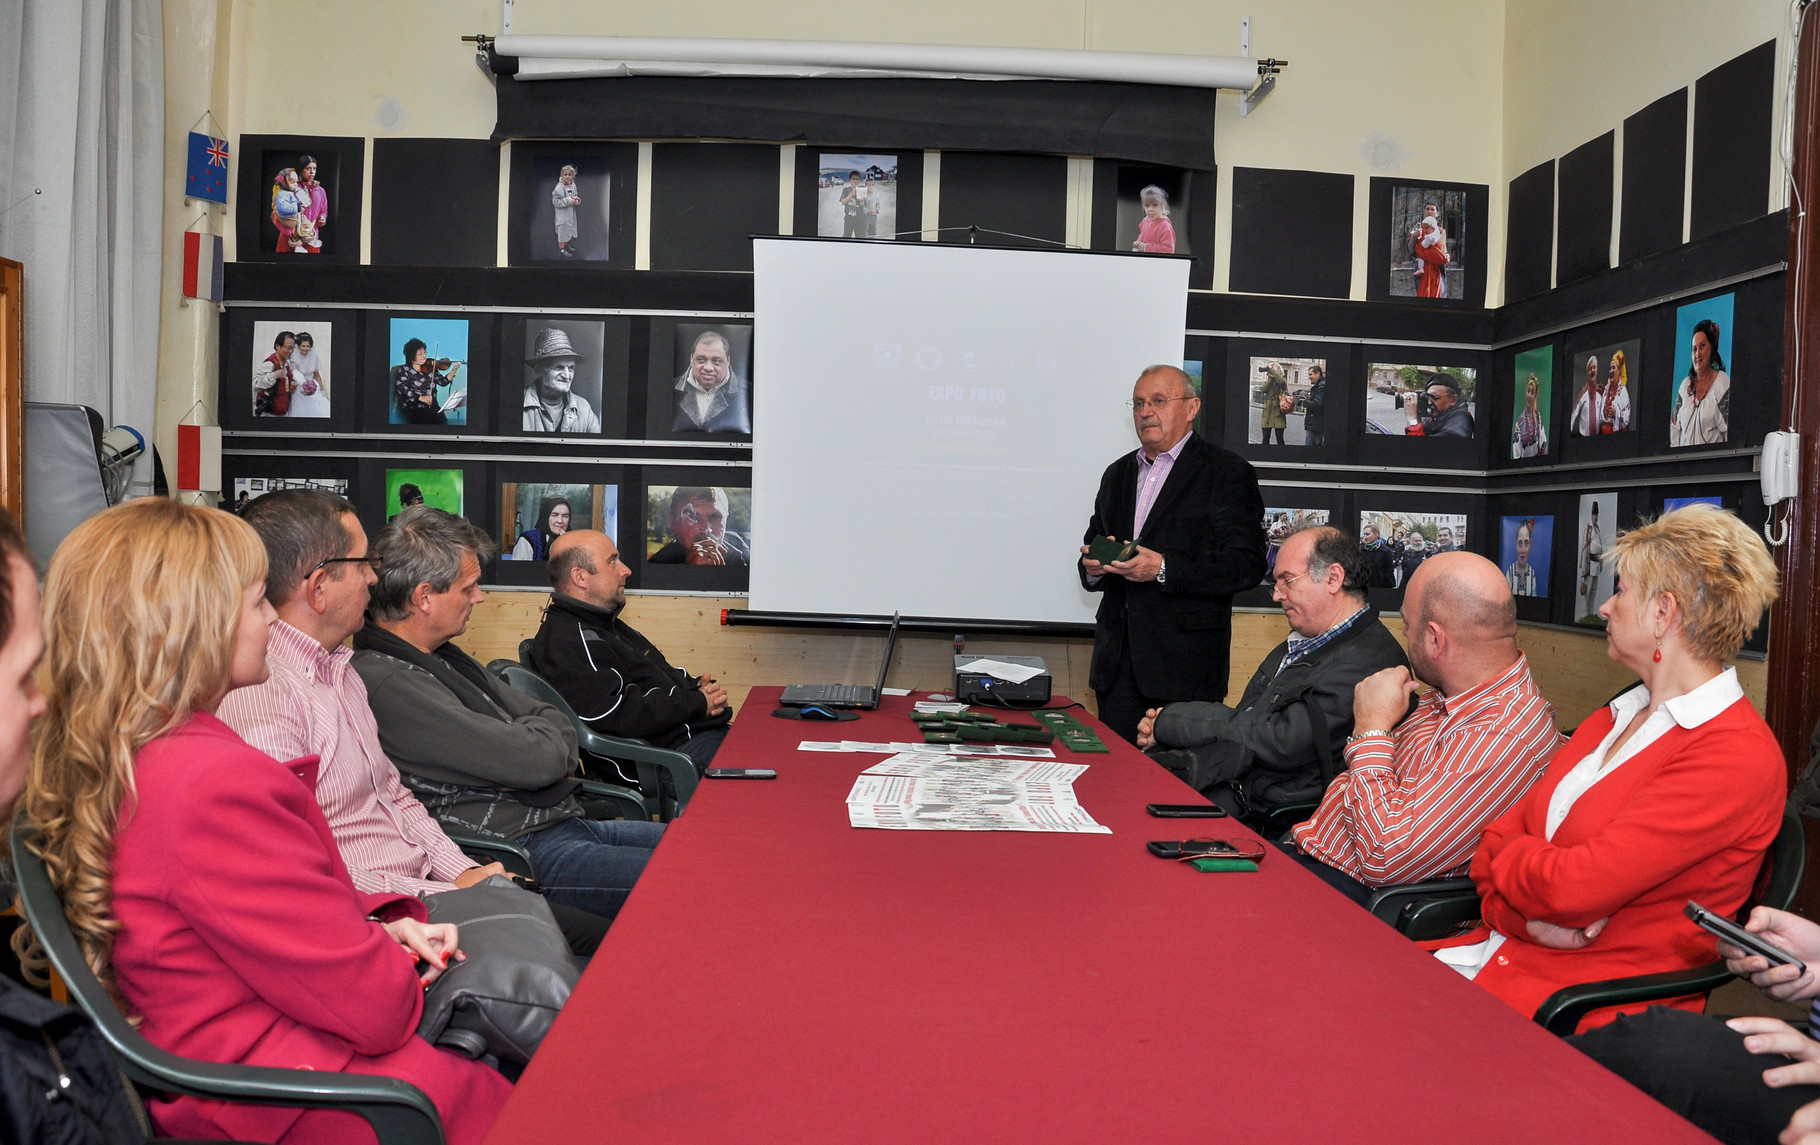 29.10.2014 - Oradea (RO)